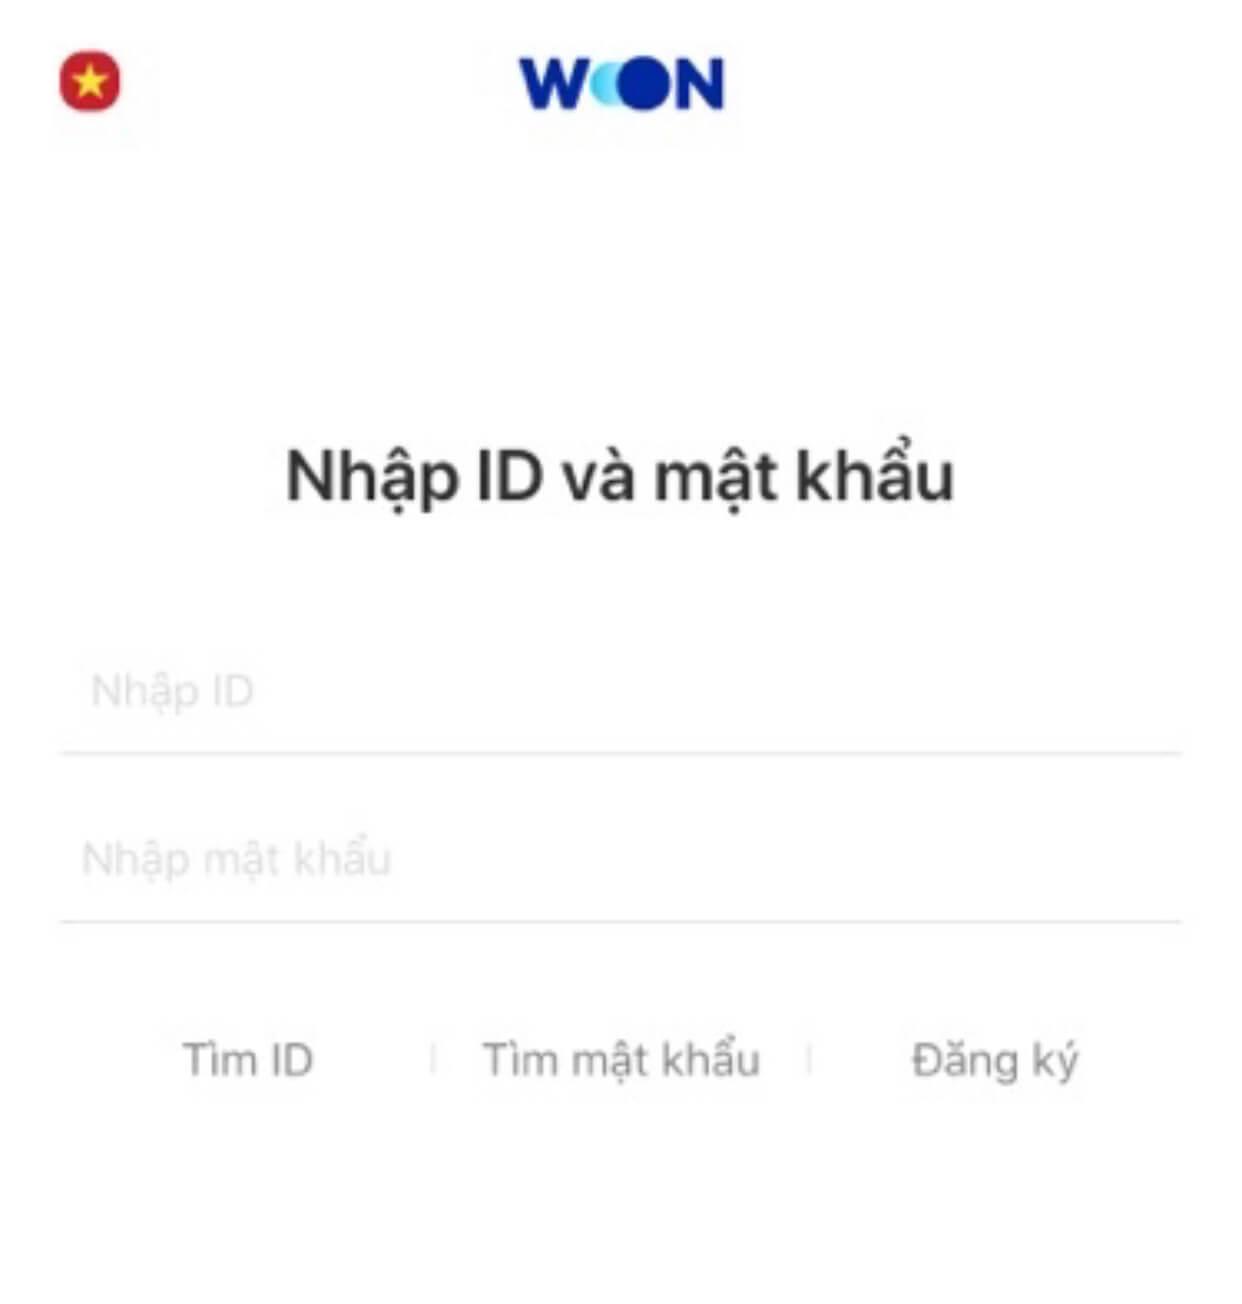 WON APP Wooribank Vietnam